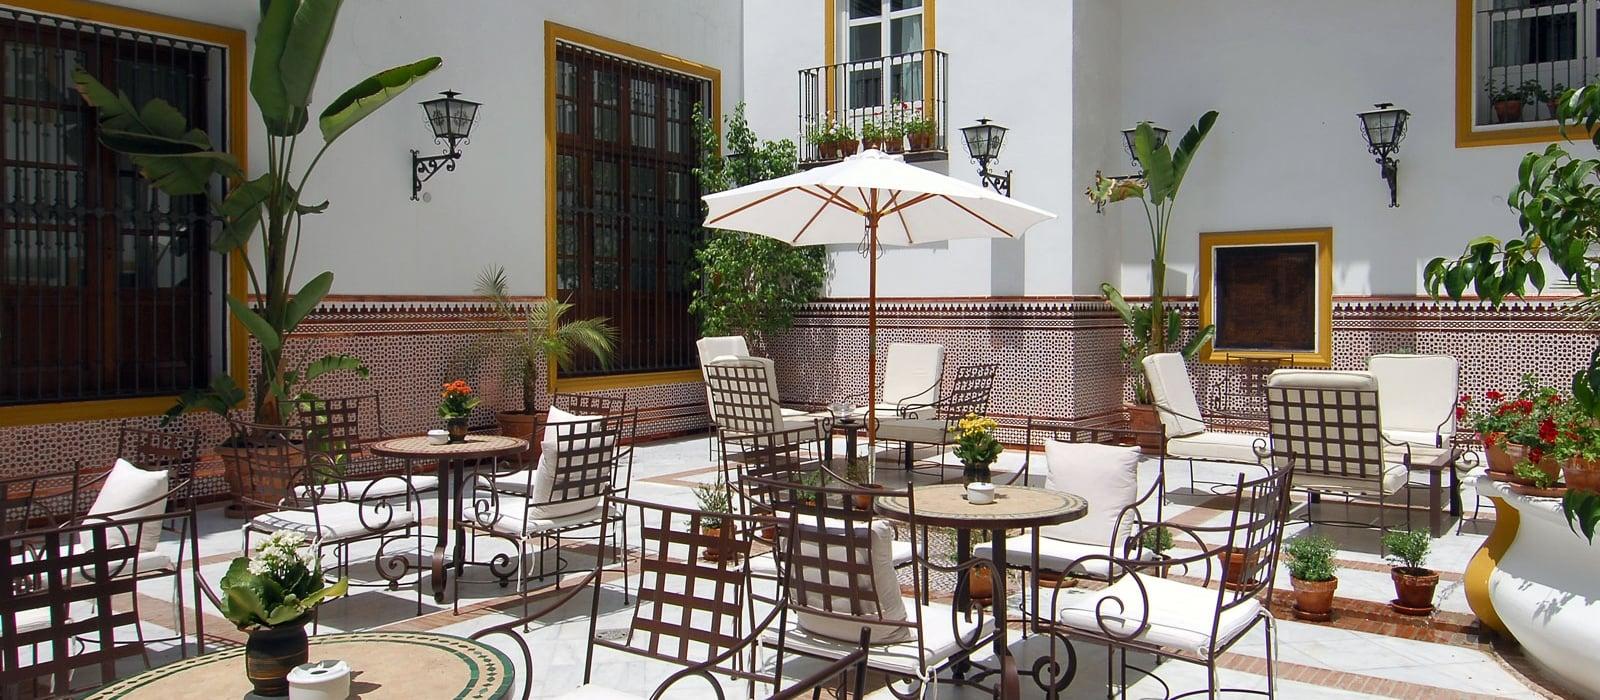 Dienstleistungen hotel vincci sevilla la rabida patio - Patios andaluces decoracion ...